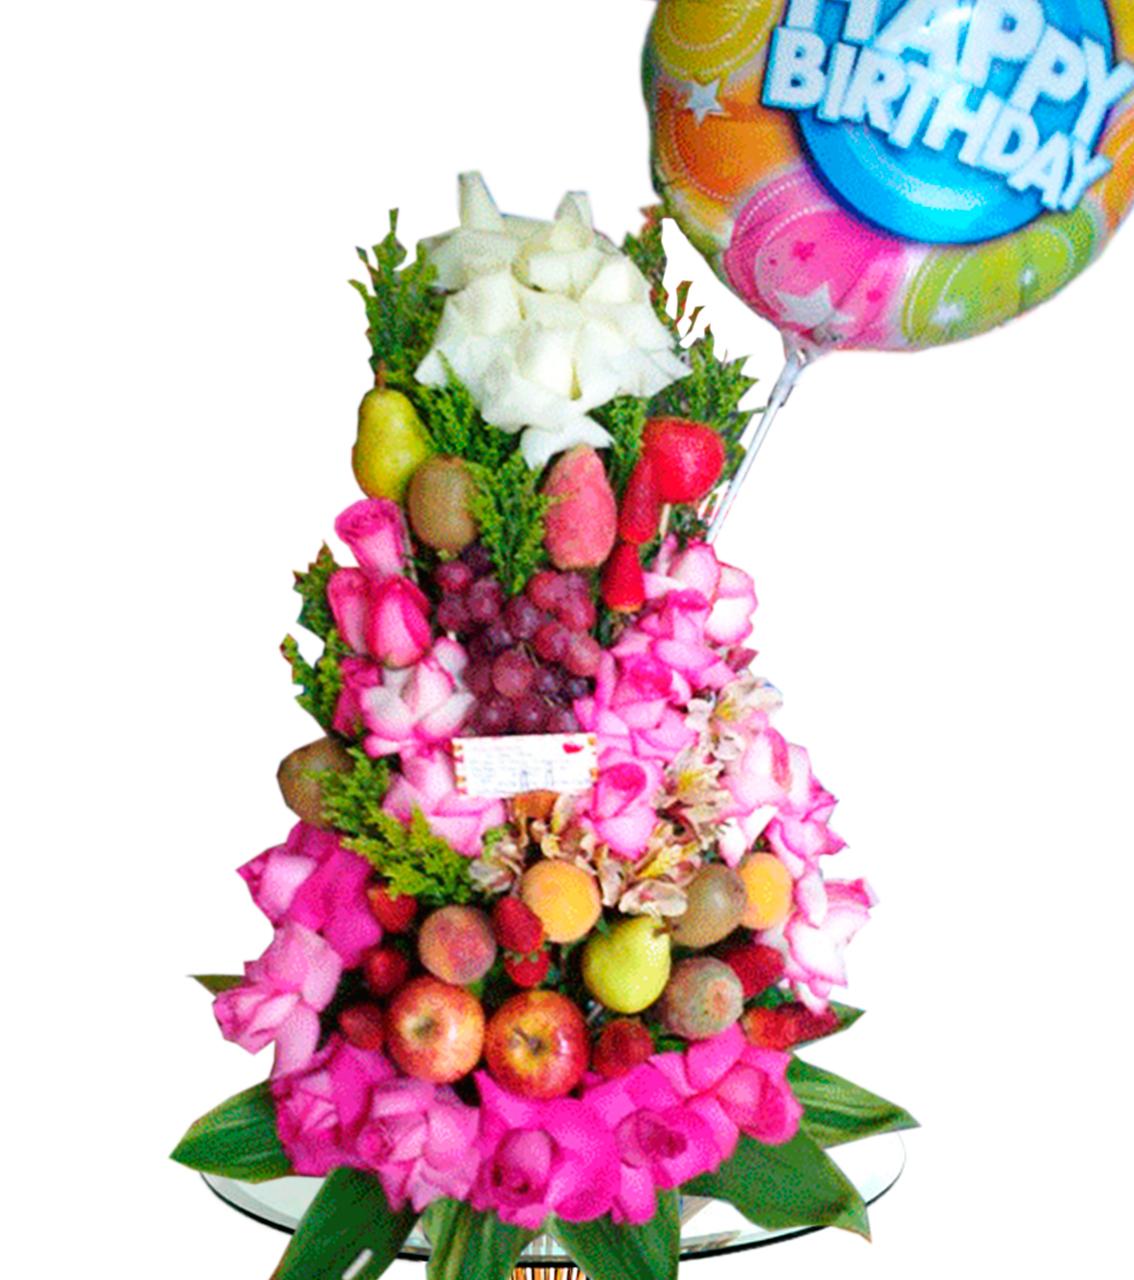 Bouquet con Frutas y Flores